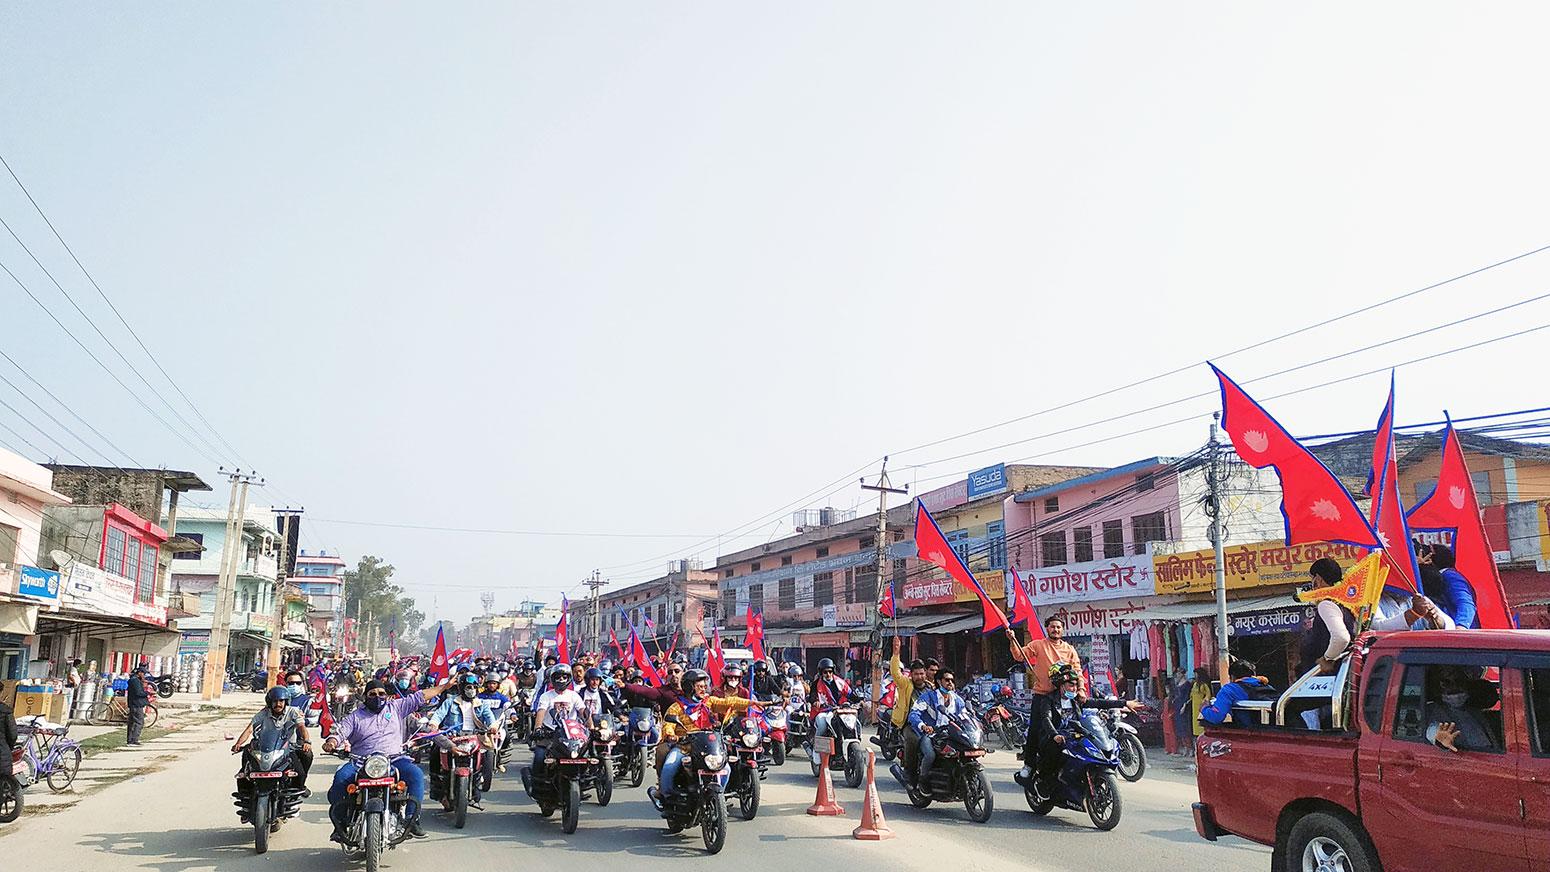 पूर्वराजाको पक्षमा देशभर प्रदर्शनः राप्रपाको नेतृत्व, नेकपा र कांग्रेस समर्थक पनि सहभागी